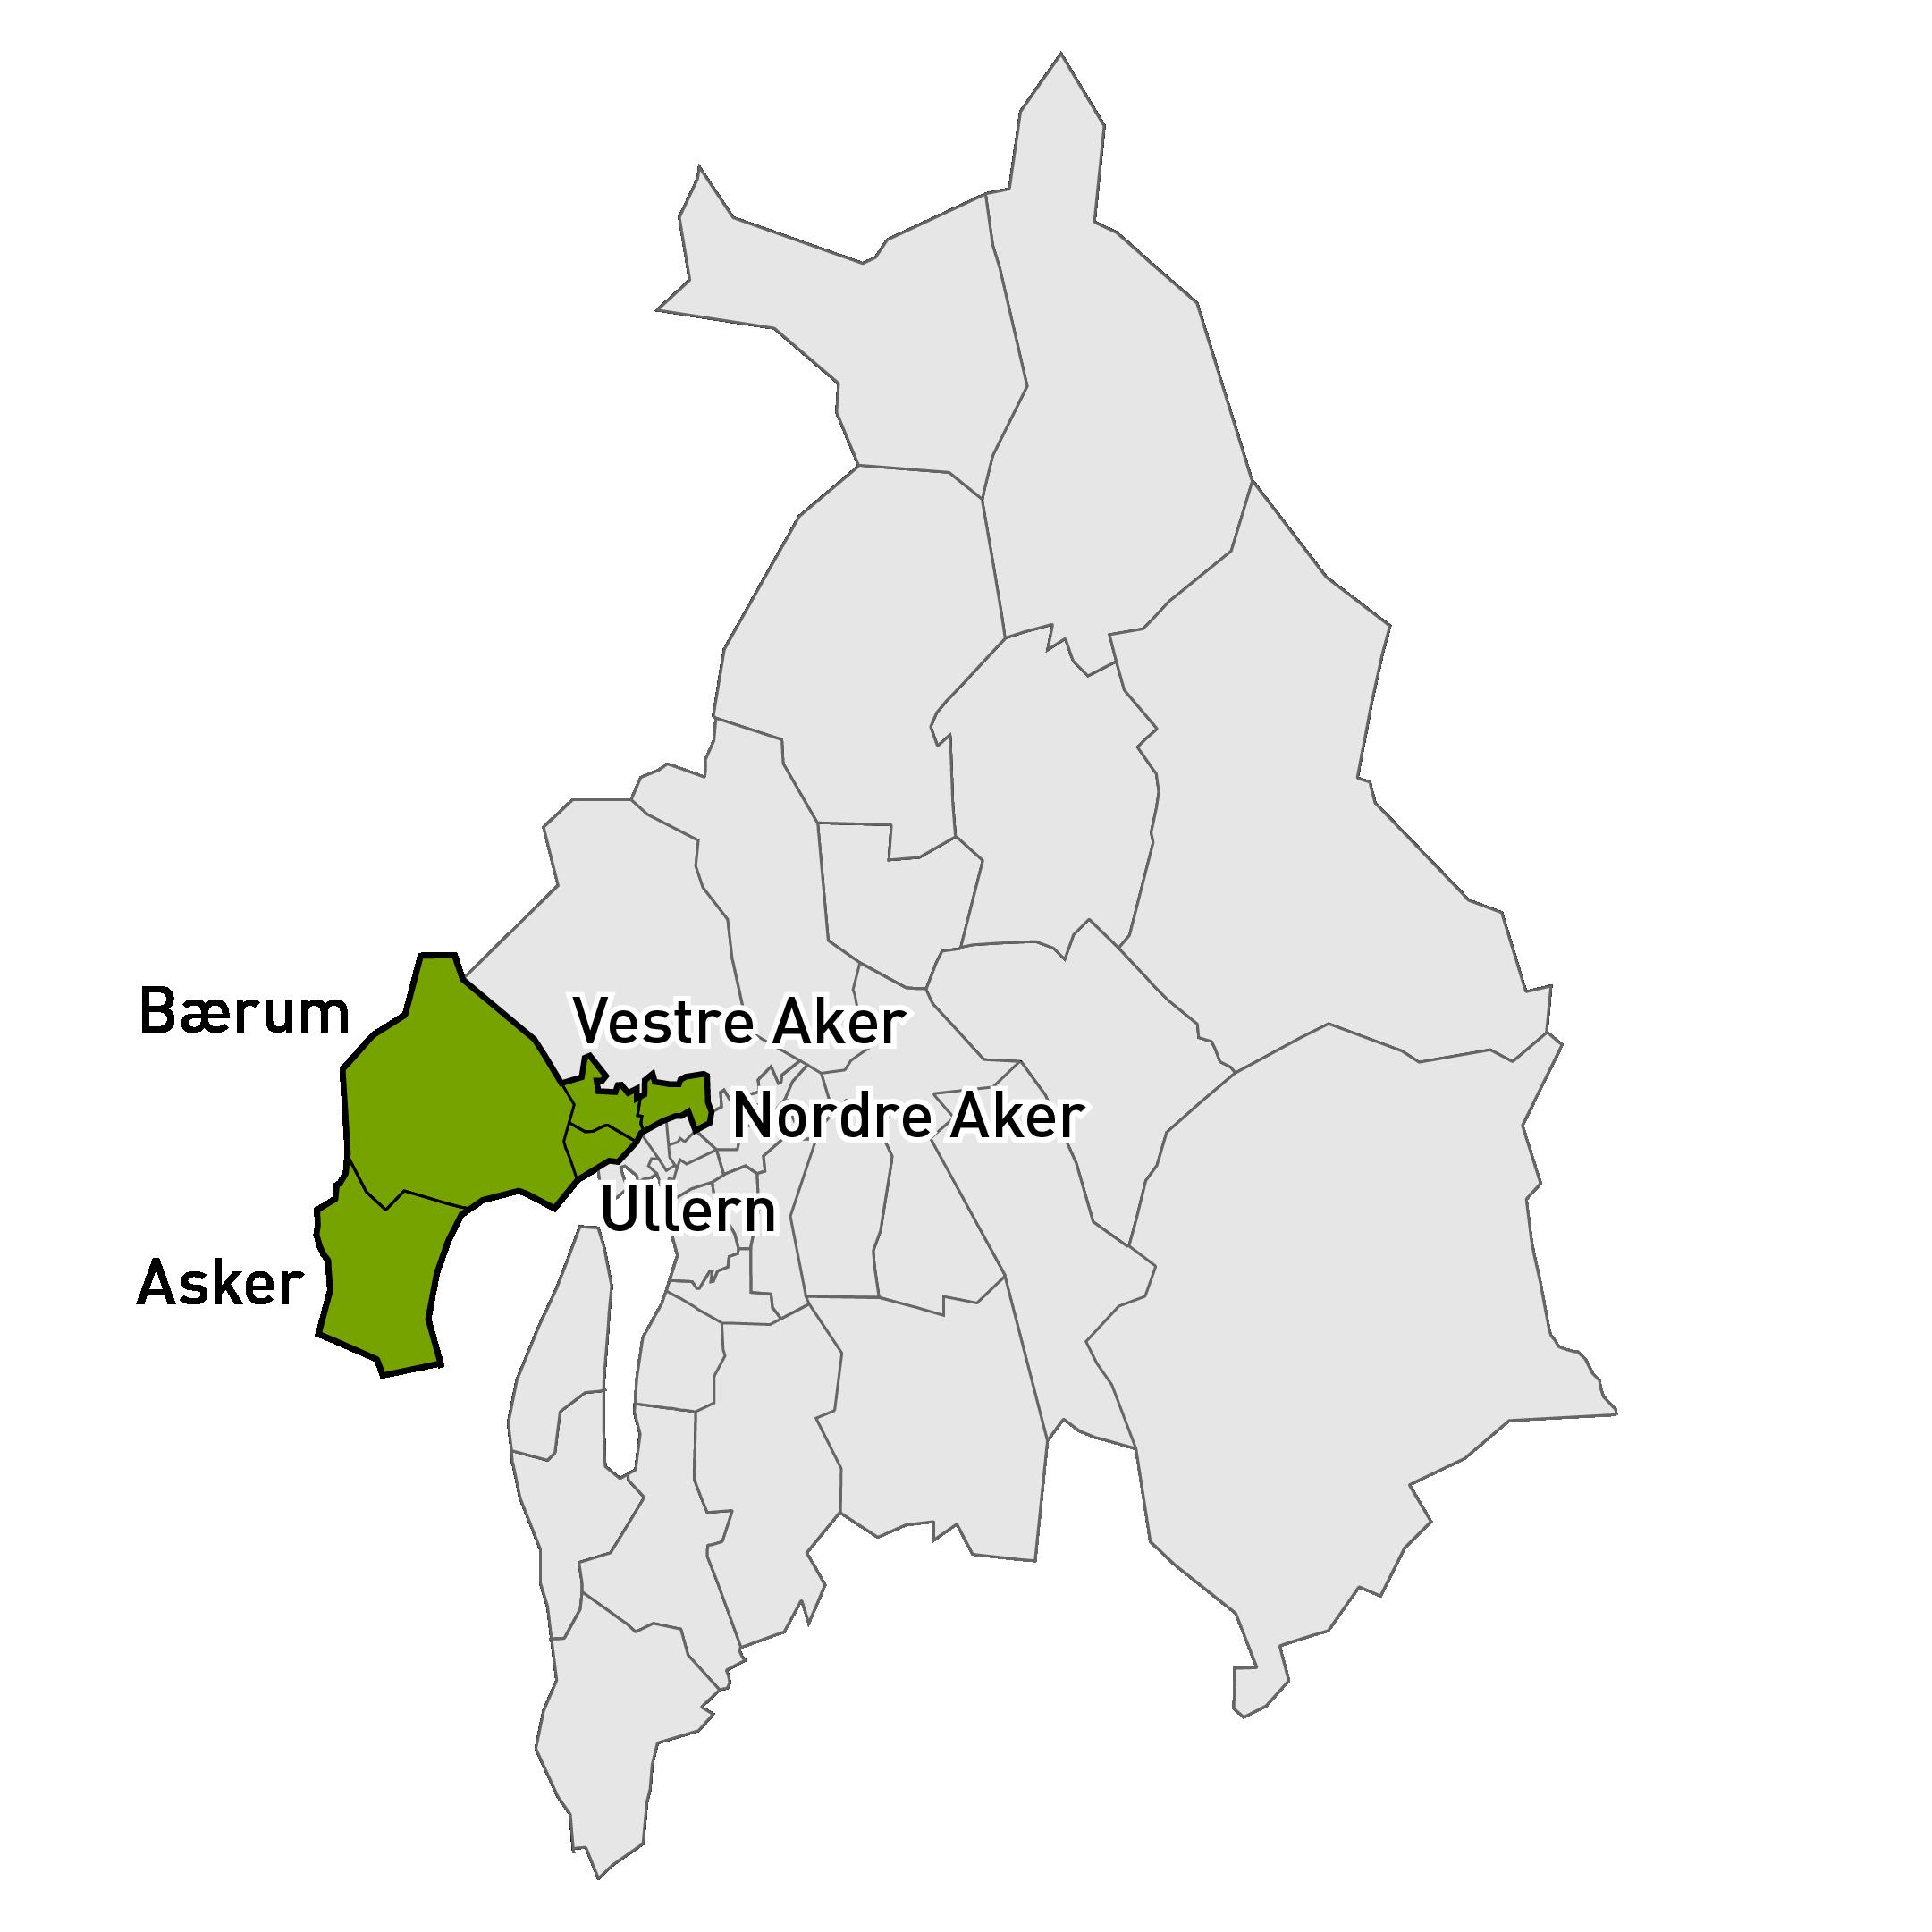 Bilde over markedsområde vest